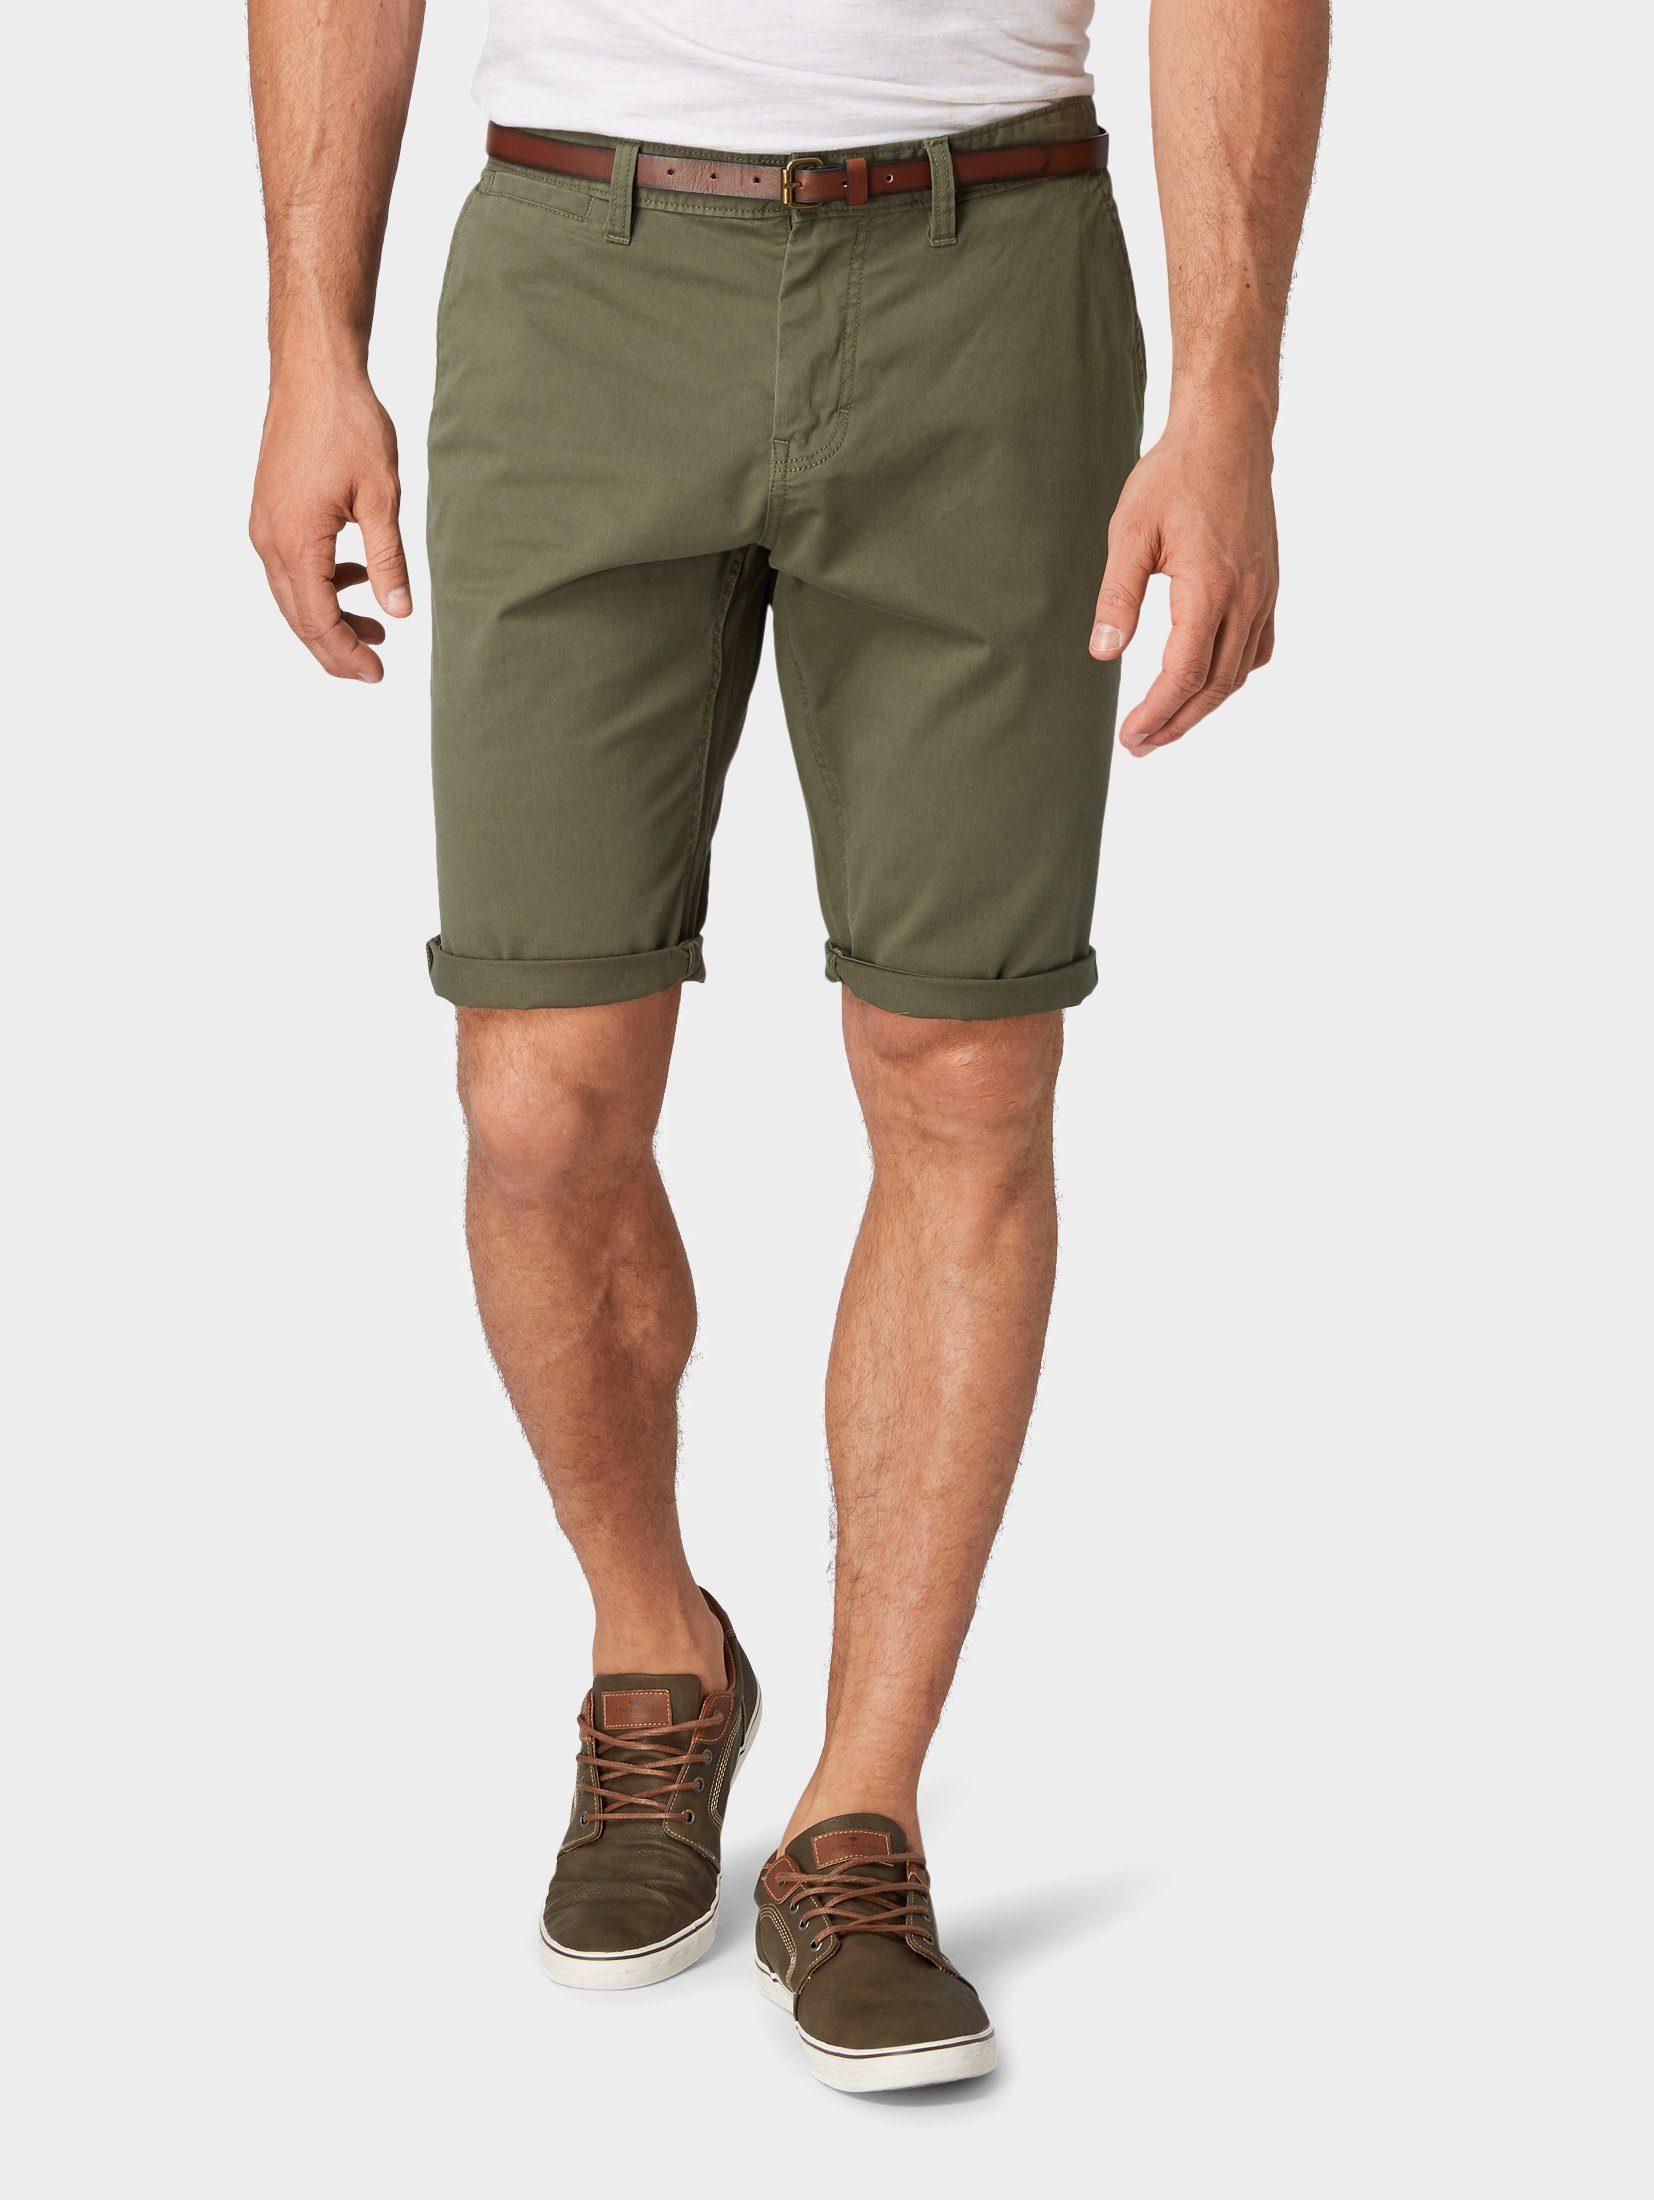 Tom Tailor Chino Slim Bermuda Shorts UVP 39,99€